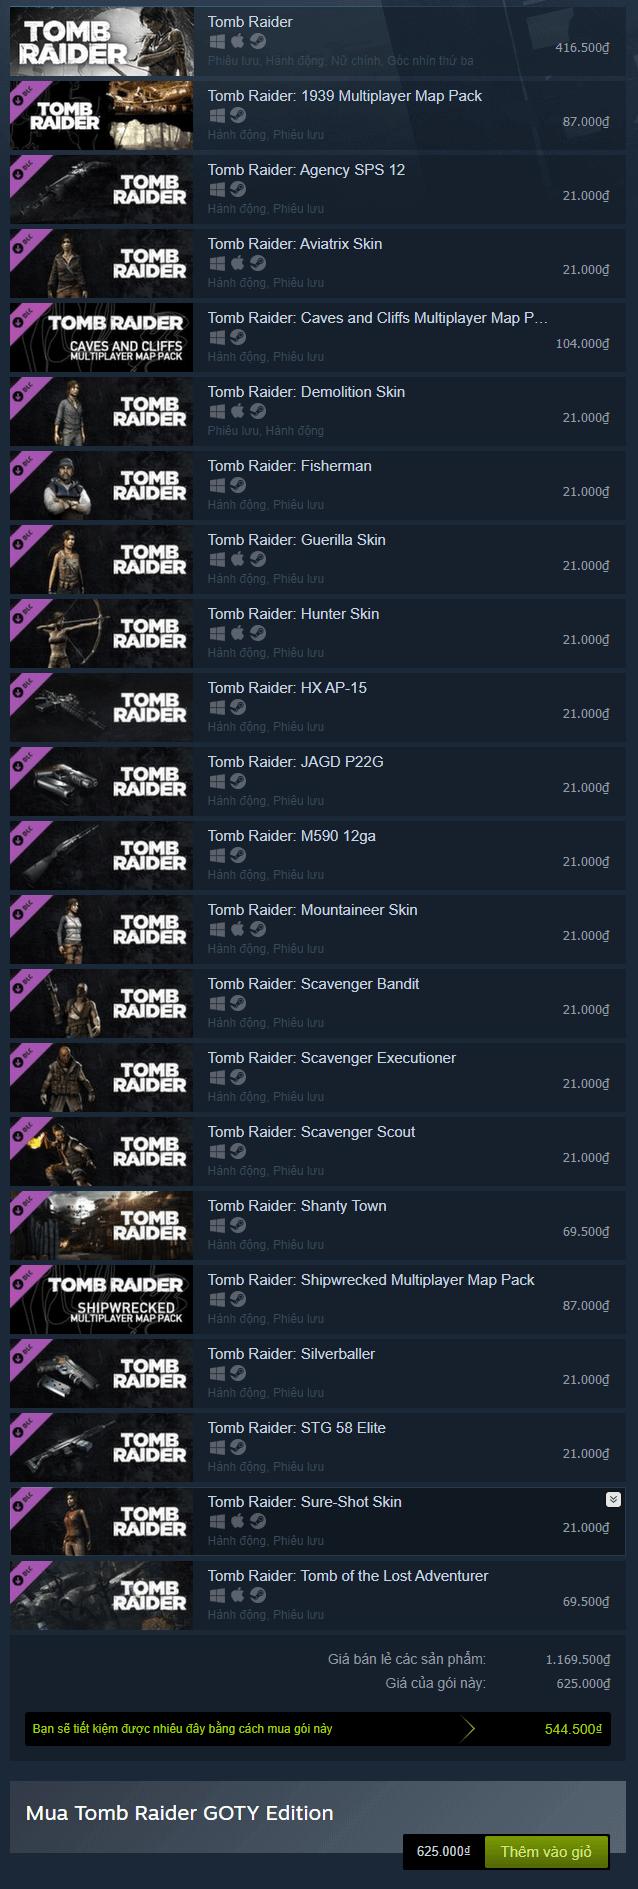 Tomb Raider GOTY Steam Key pack 1